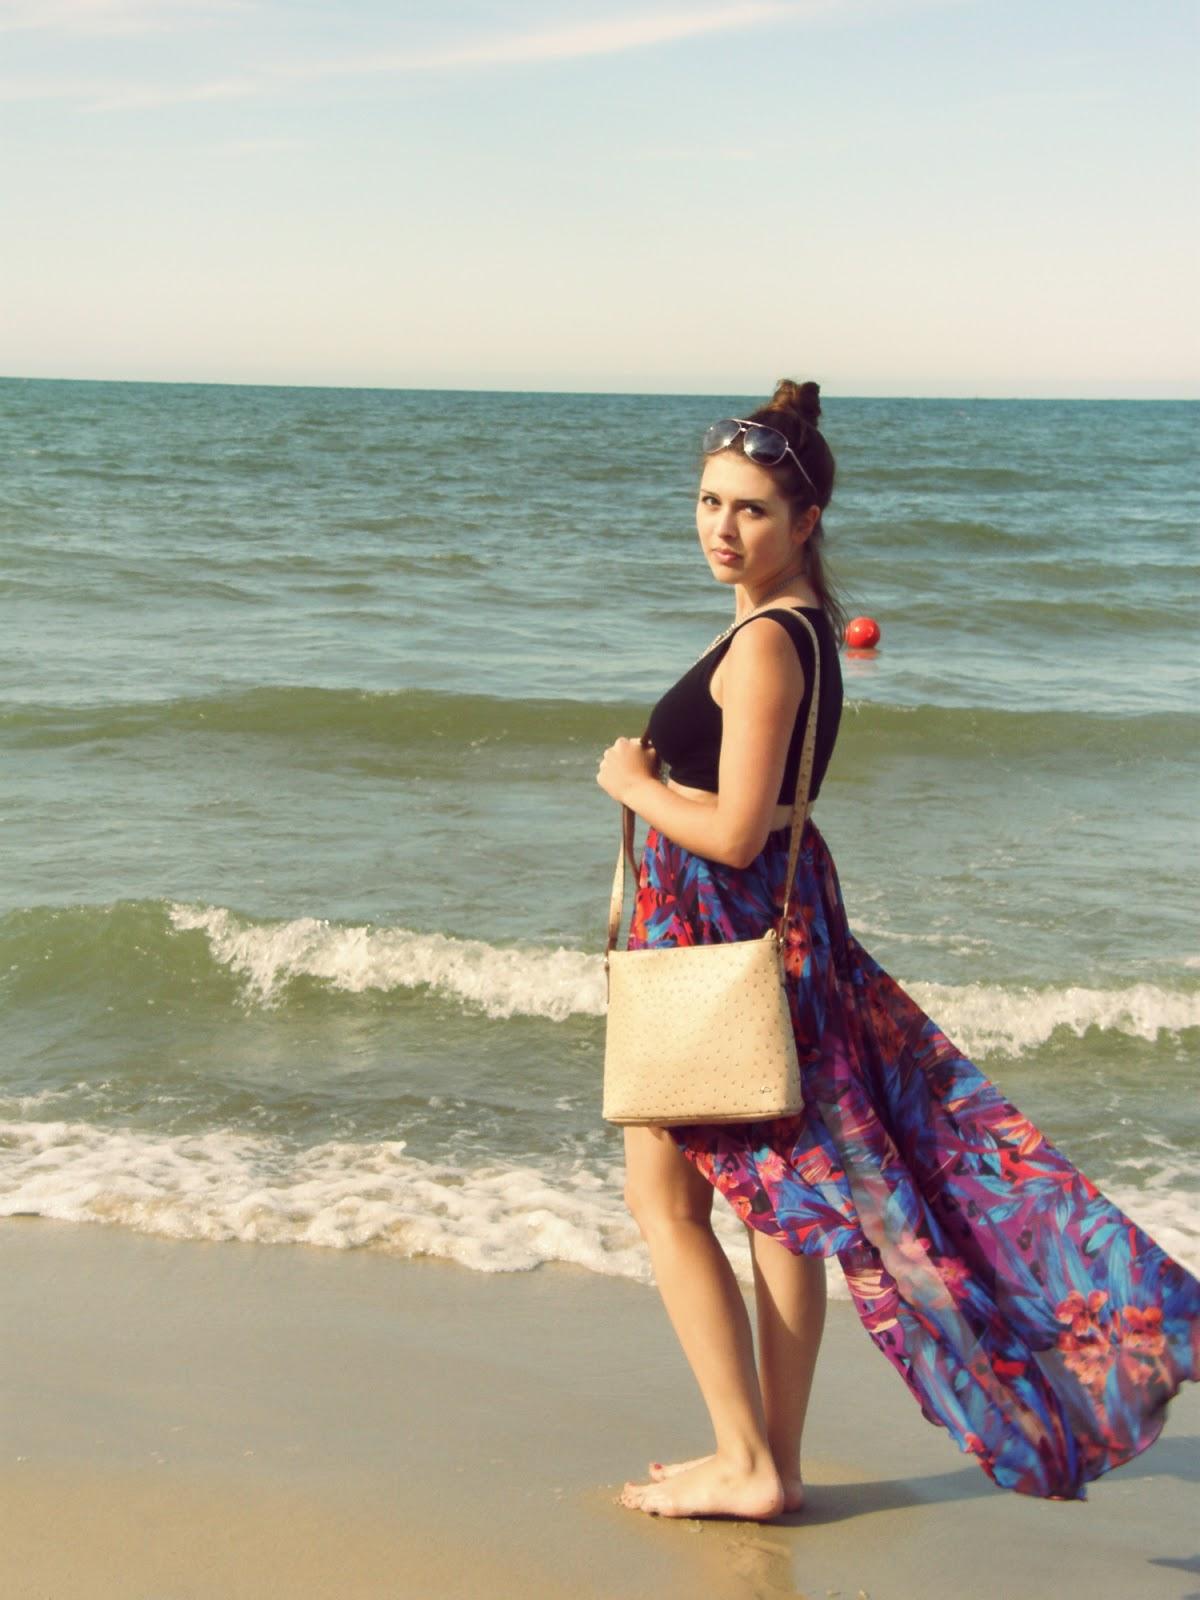 Wakacje nad morzem Chlapowo . Jak sie ubrac na plaze? DAY 2